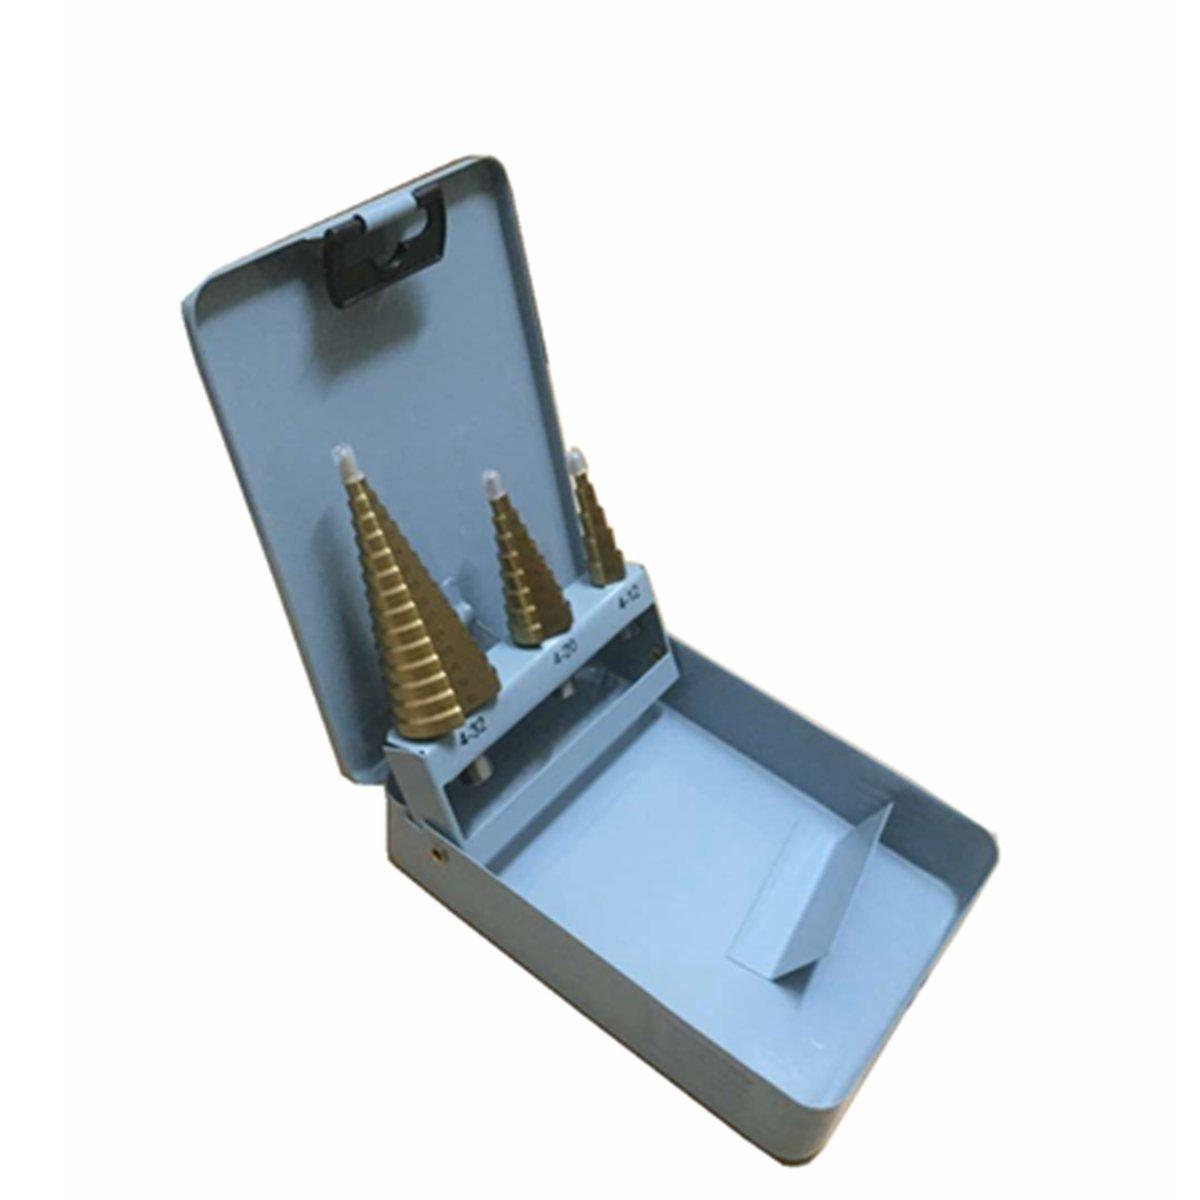 LEXPON Broca Escalonada HSS Hexagonal Revestido Poco Paso de Perforació n Establece 4-12 /4-20 / 4-32mm LEXPON.CO. LTD